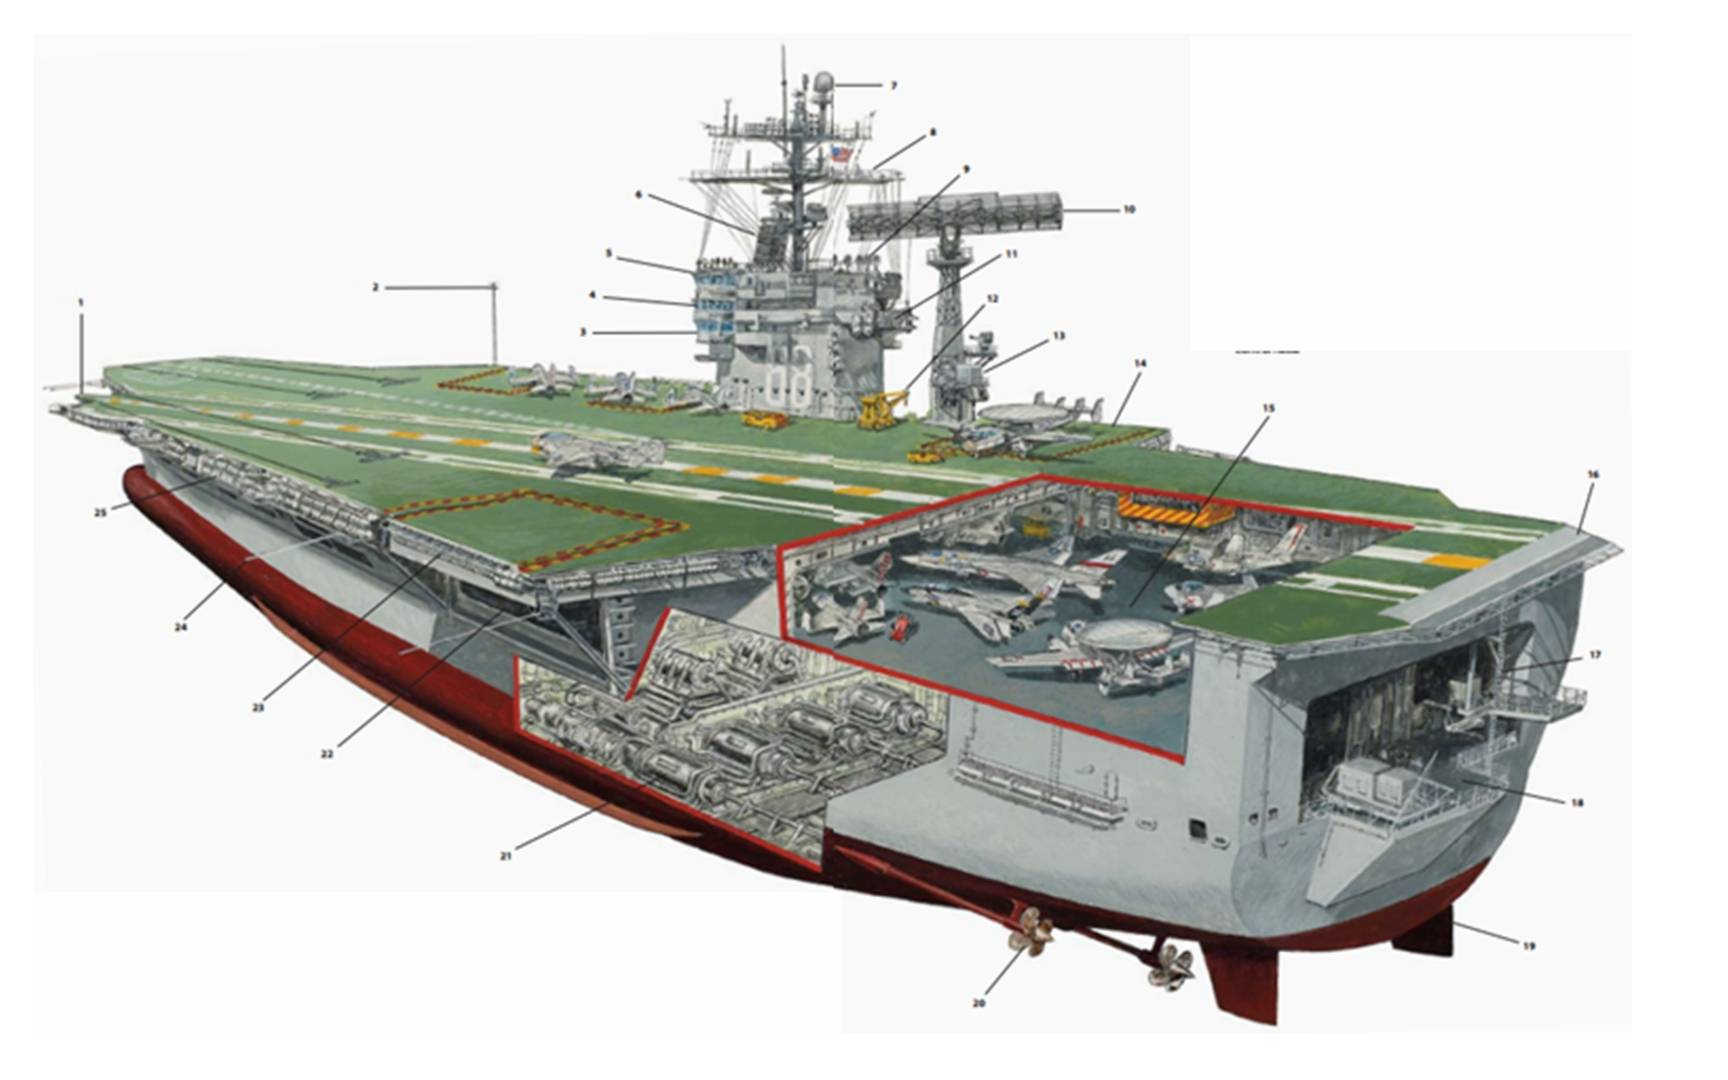 【星海社】并不神秘:航母尼米兹的防护设计 (第284期)